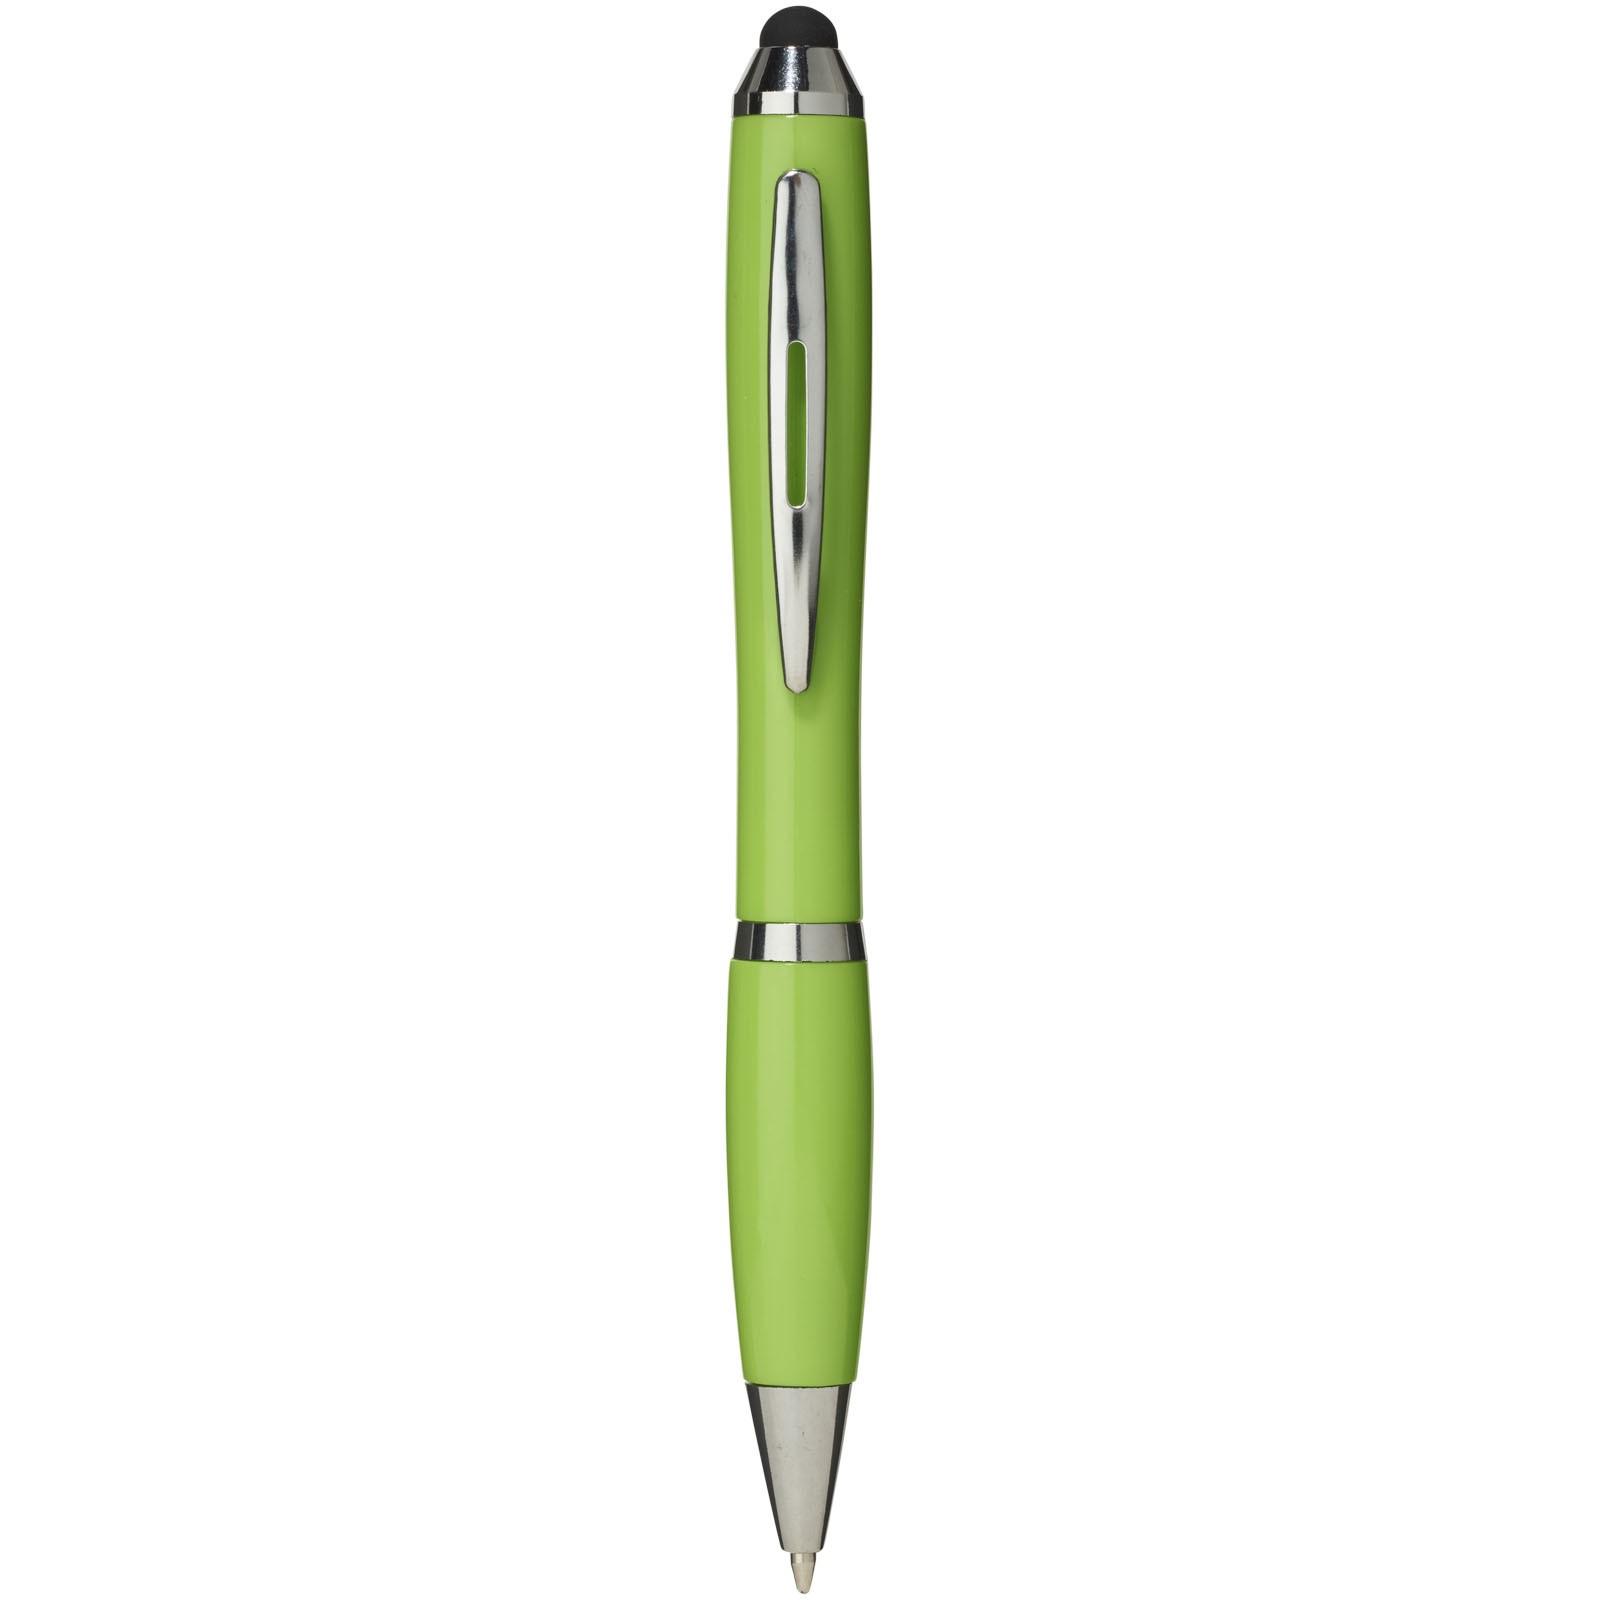 Barevné kuličkové pero a stylus Nash s barevným úchopem - Limetka